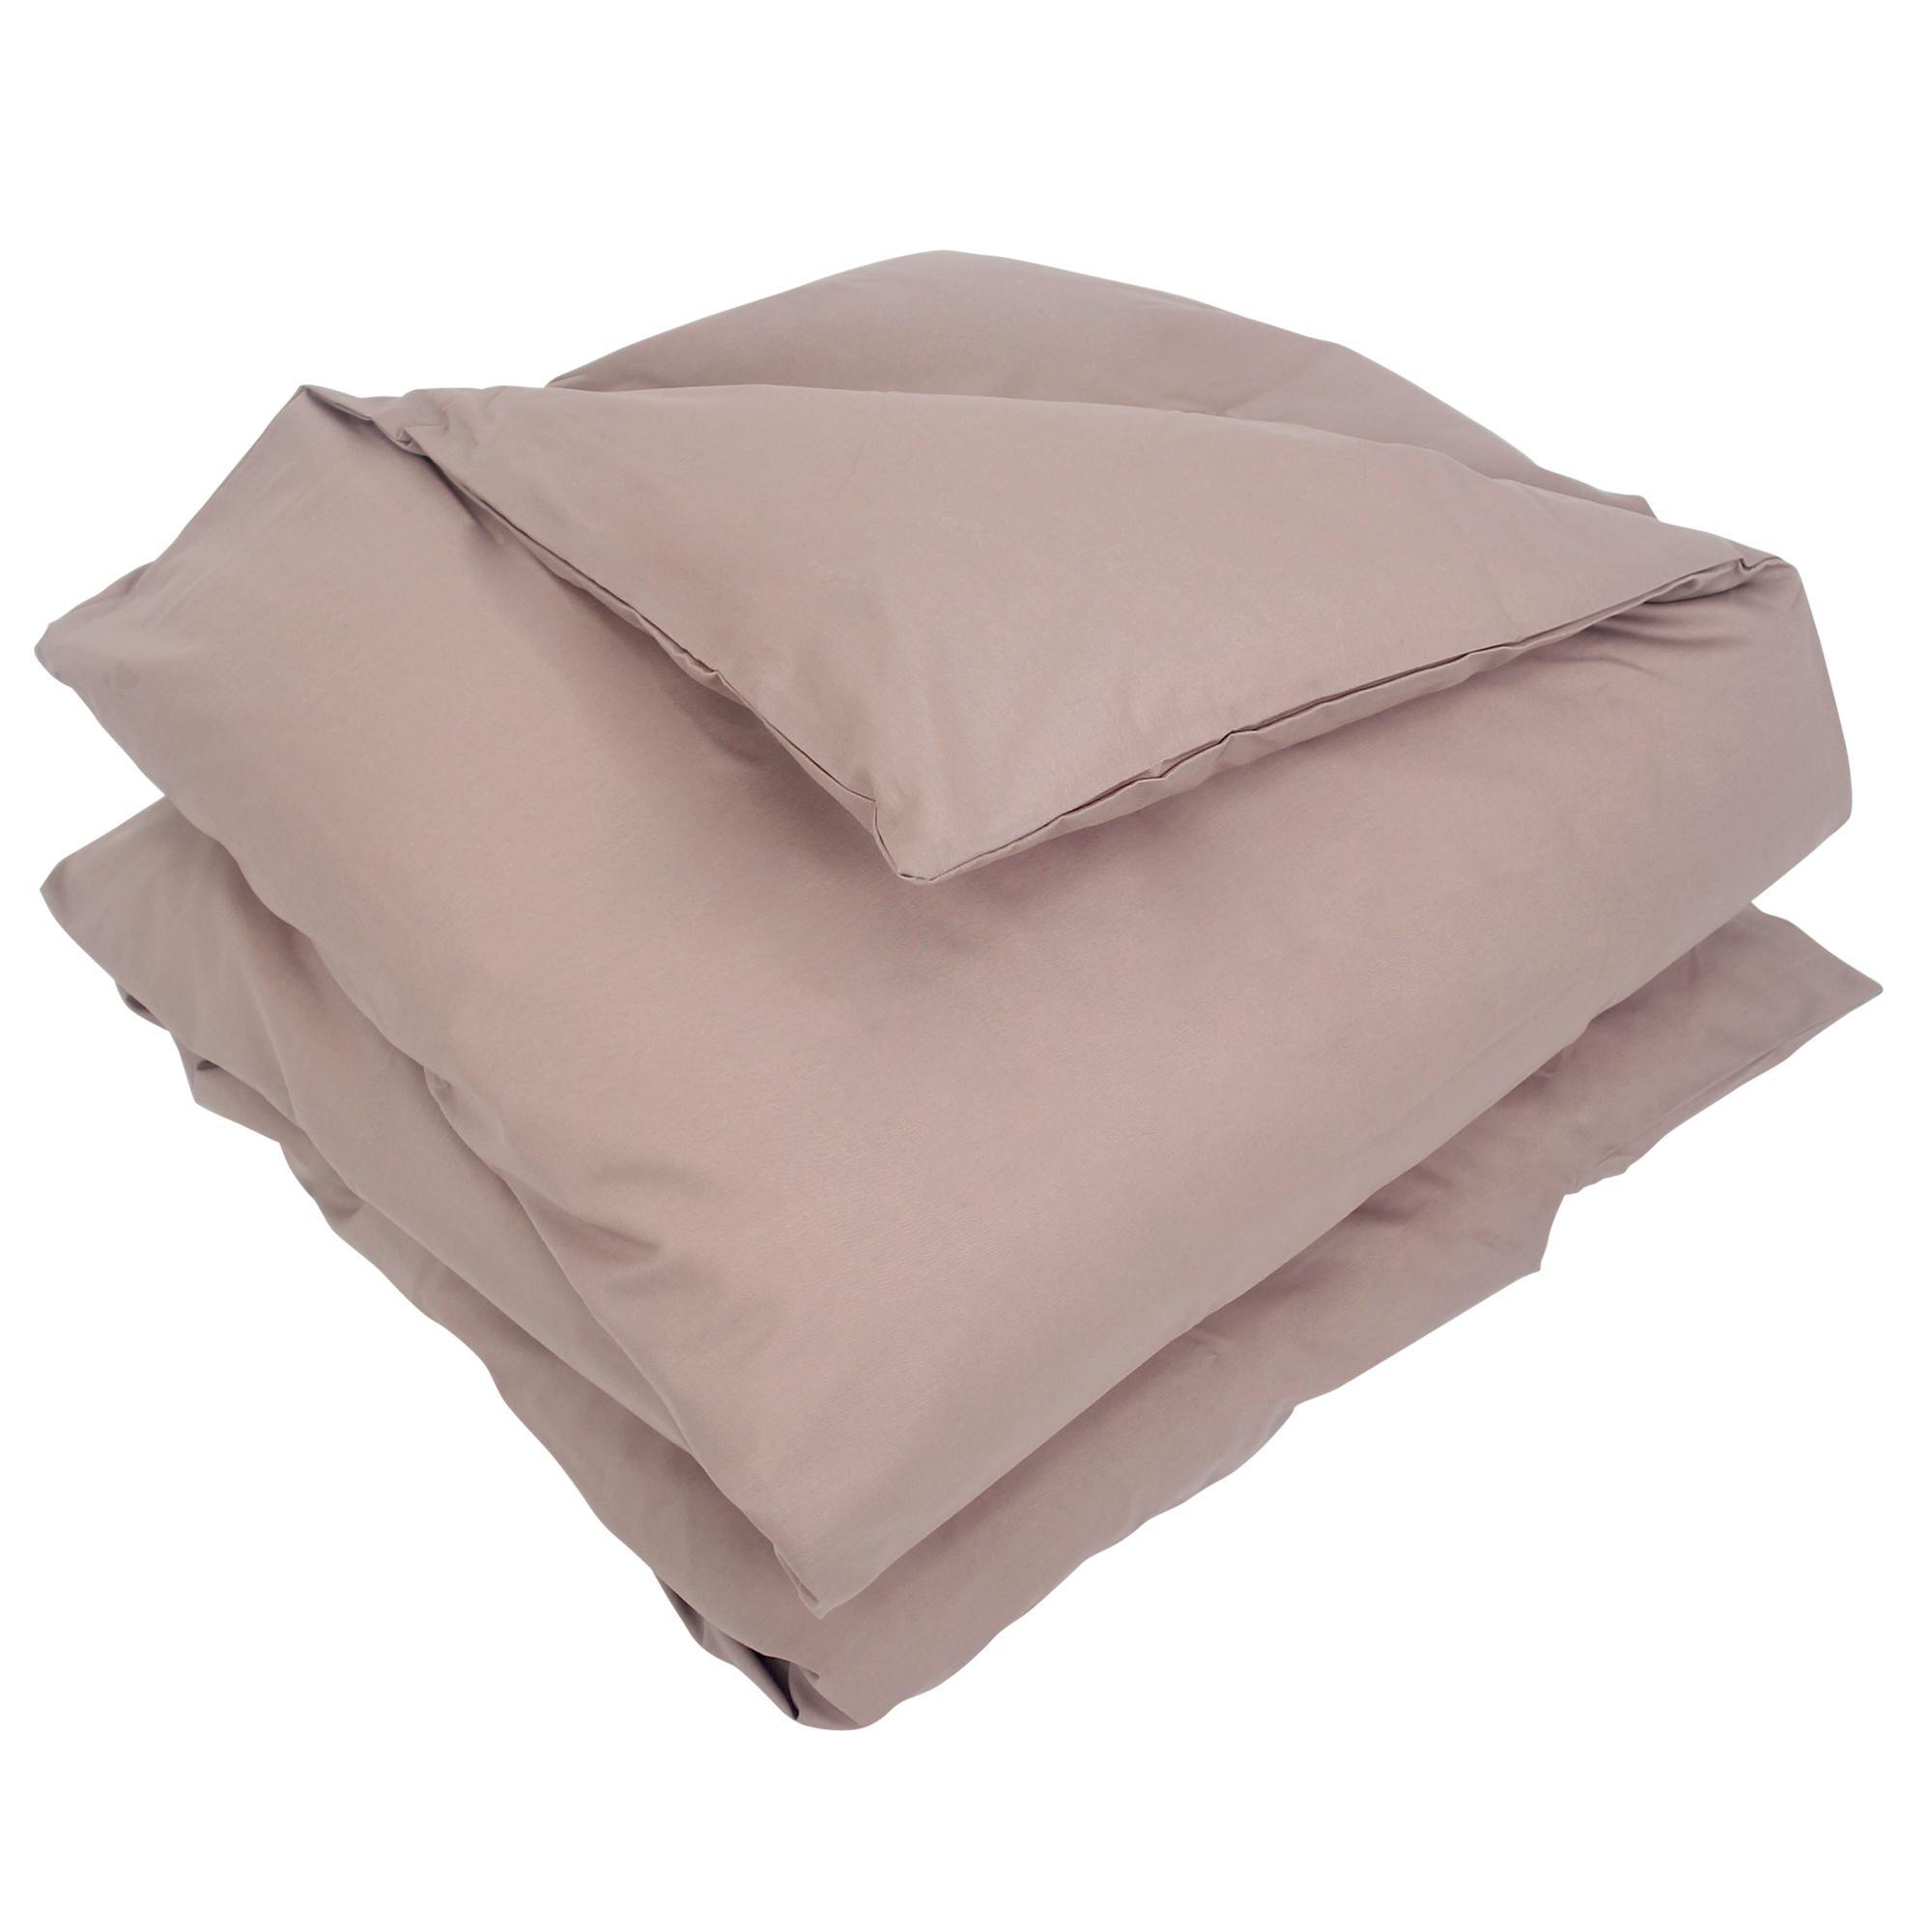 housse de couette 300x240cm uni pur coton alto violet violine linnea linge de maison et. Black Bedroom Furniture Sets. Home Design Ideas